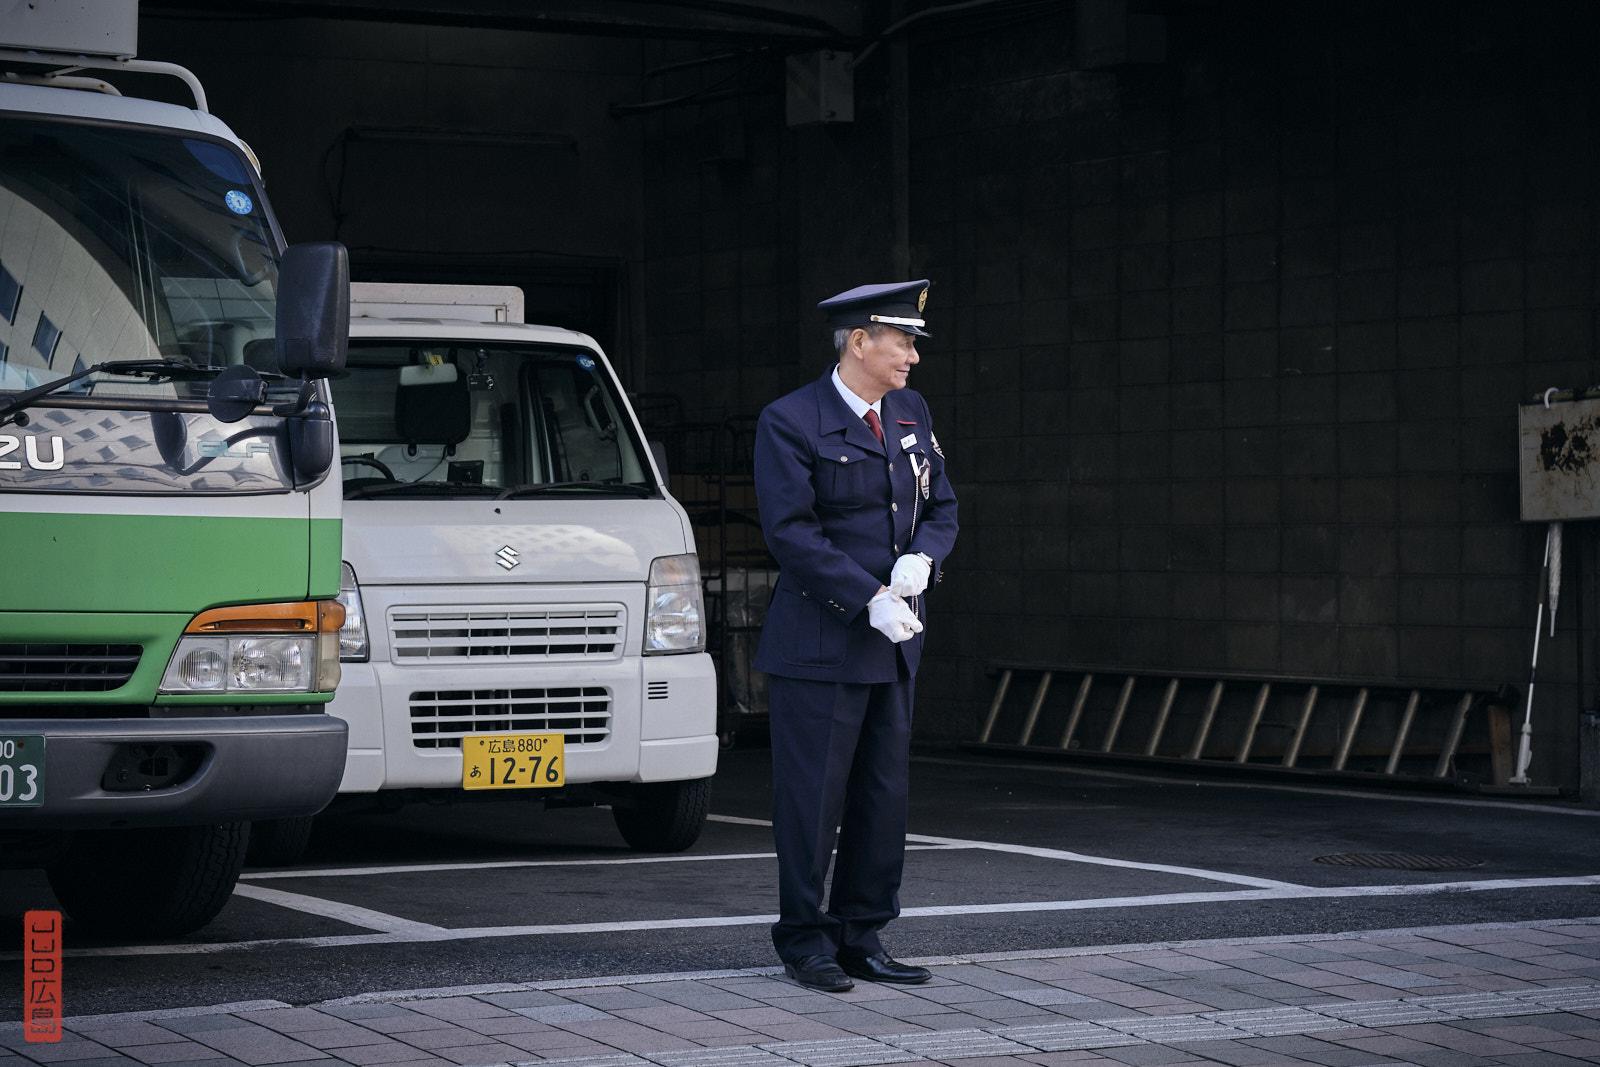 Le gardien du parking de Mitsukoshi, Hiroshima